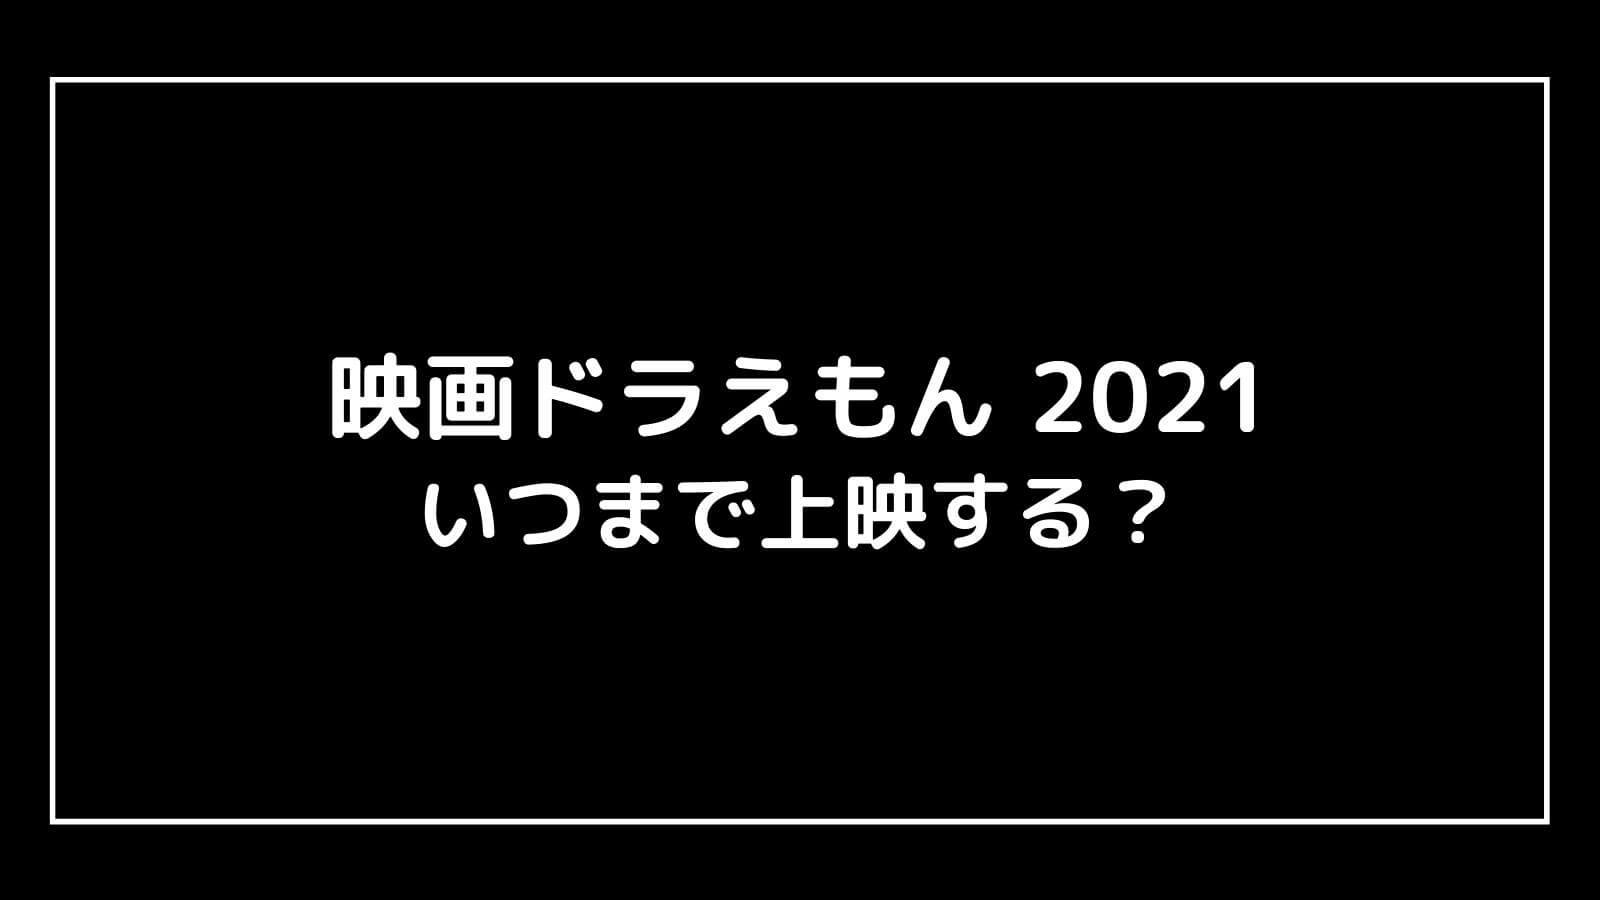 『映画ドラえもん のび太の宇宙小戦争2021』はいつまで上映する?元映画館社員が上映期間を予想